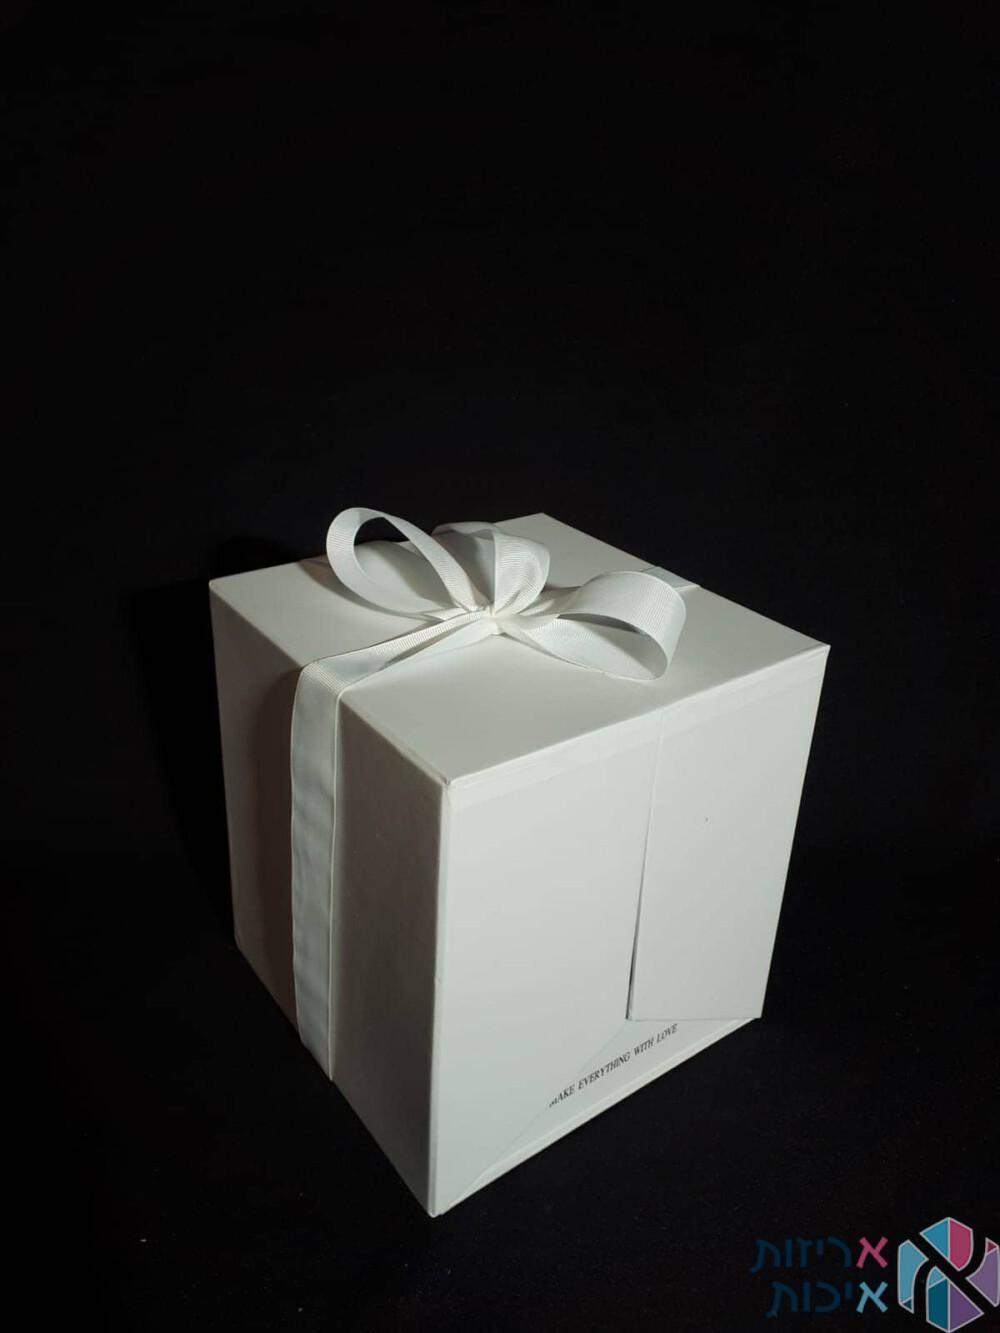 קופסאות לפרחים - קופסאות הפתעה נפתחות עם סרט סאטן בצבע לבן